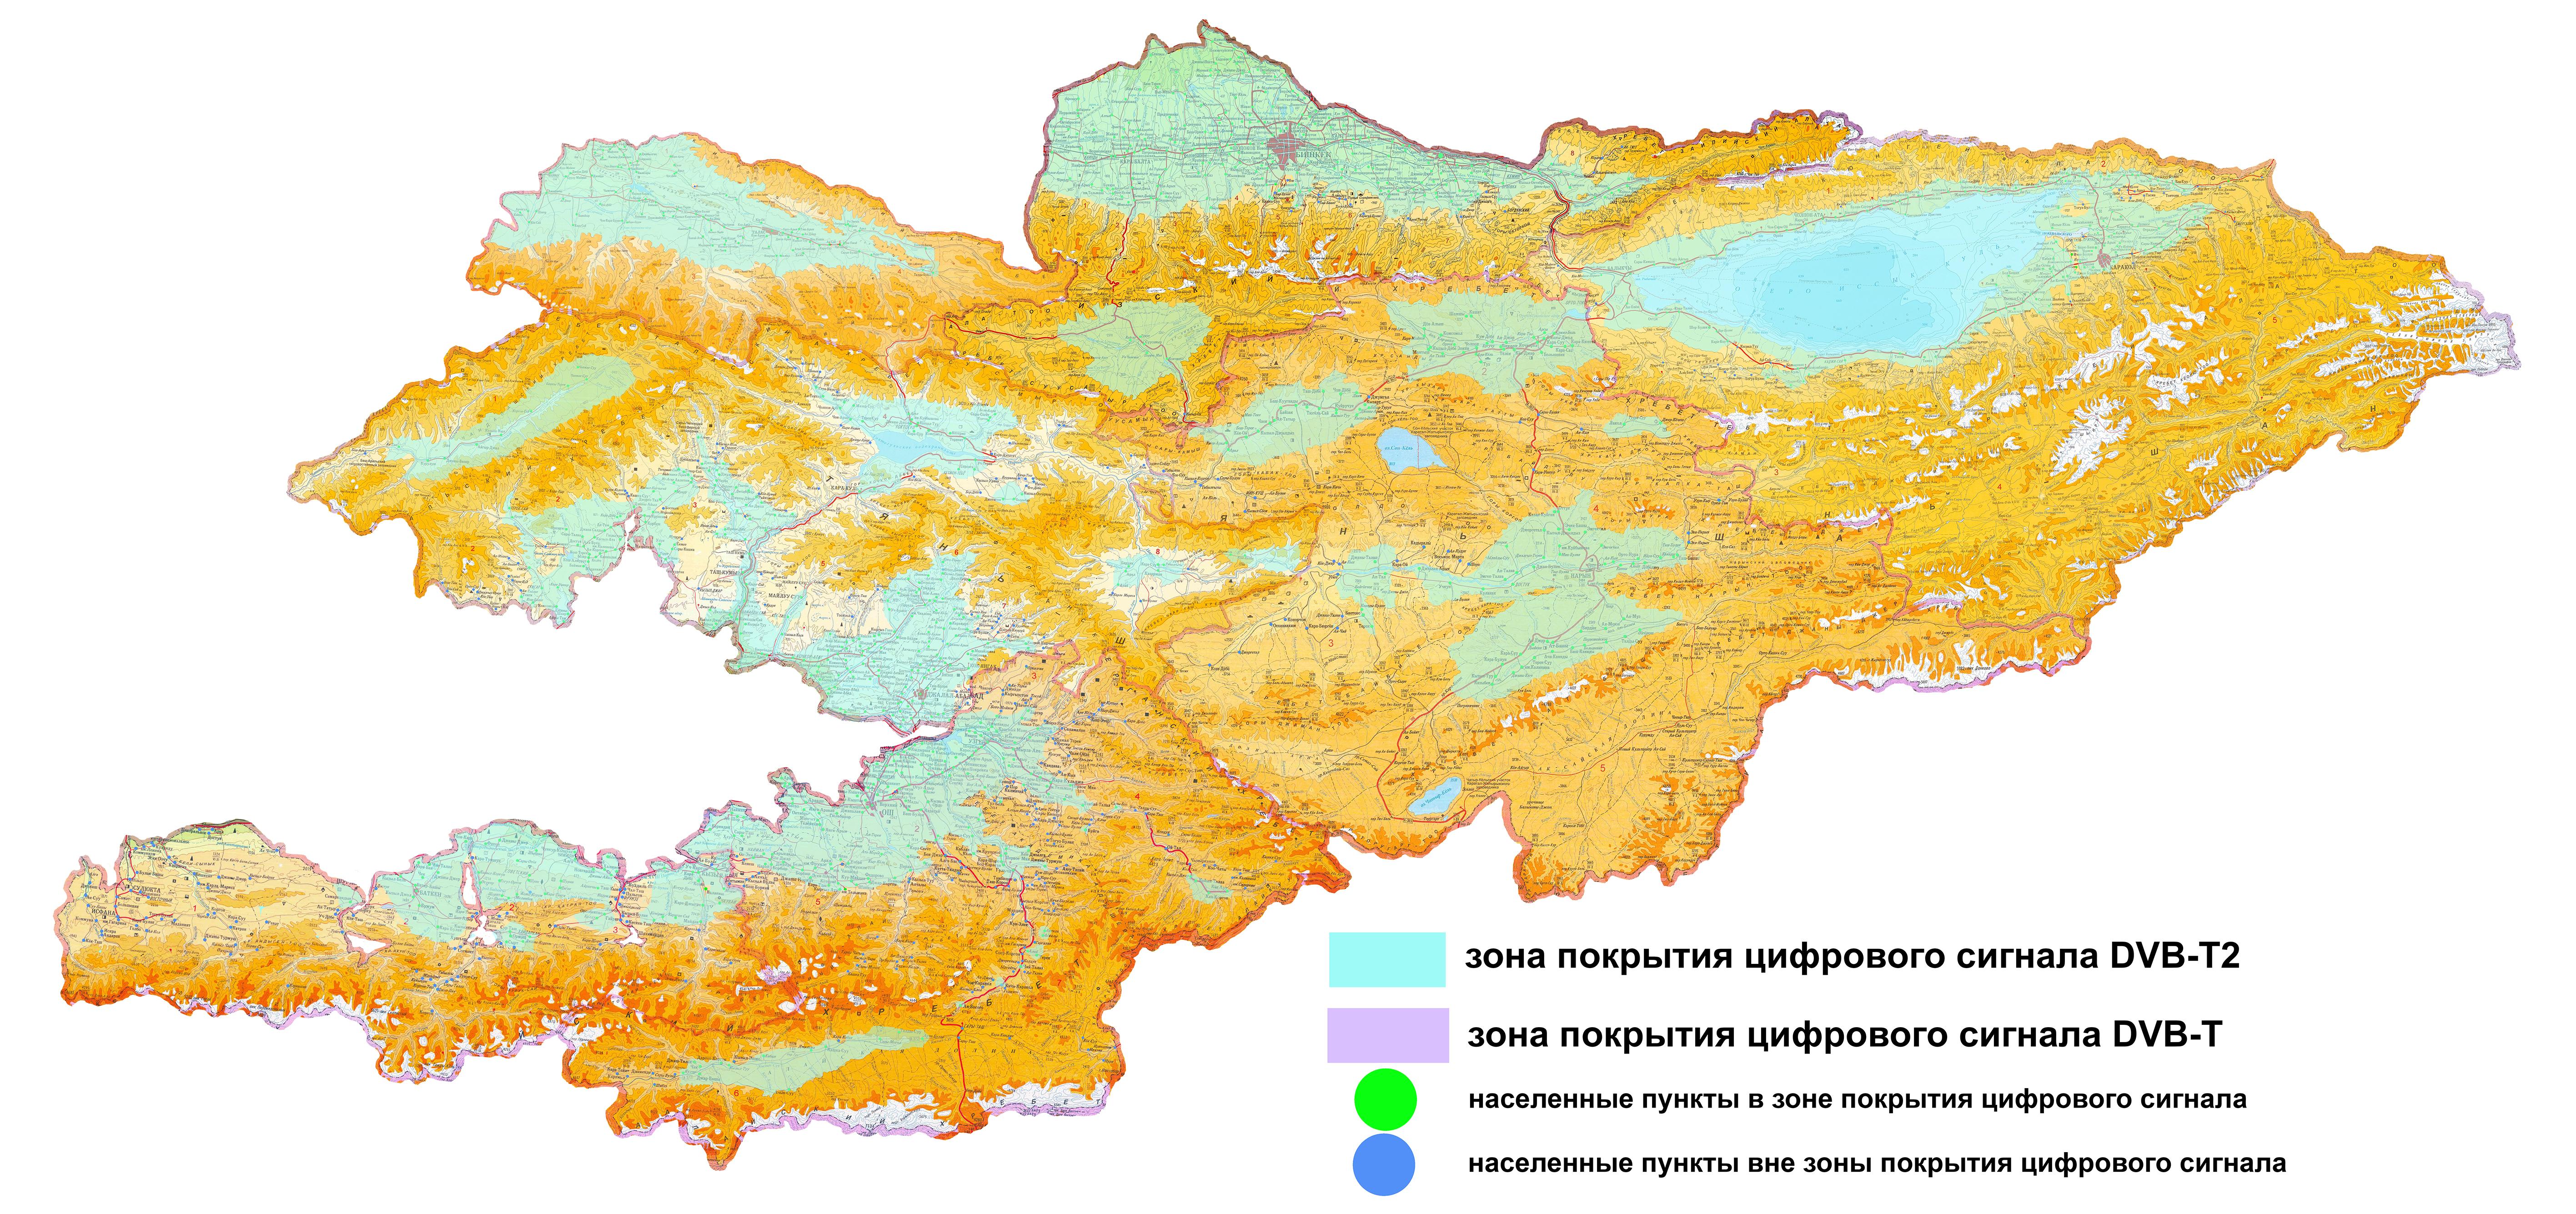 Покрытие Кыргызстана цифровым телевидением